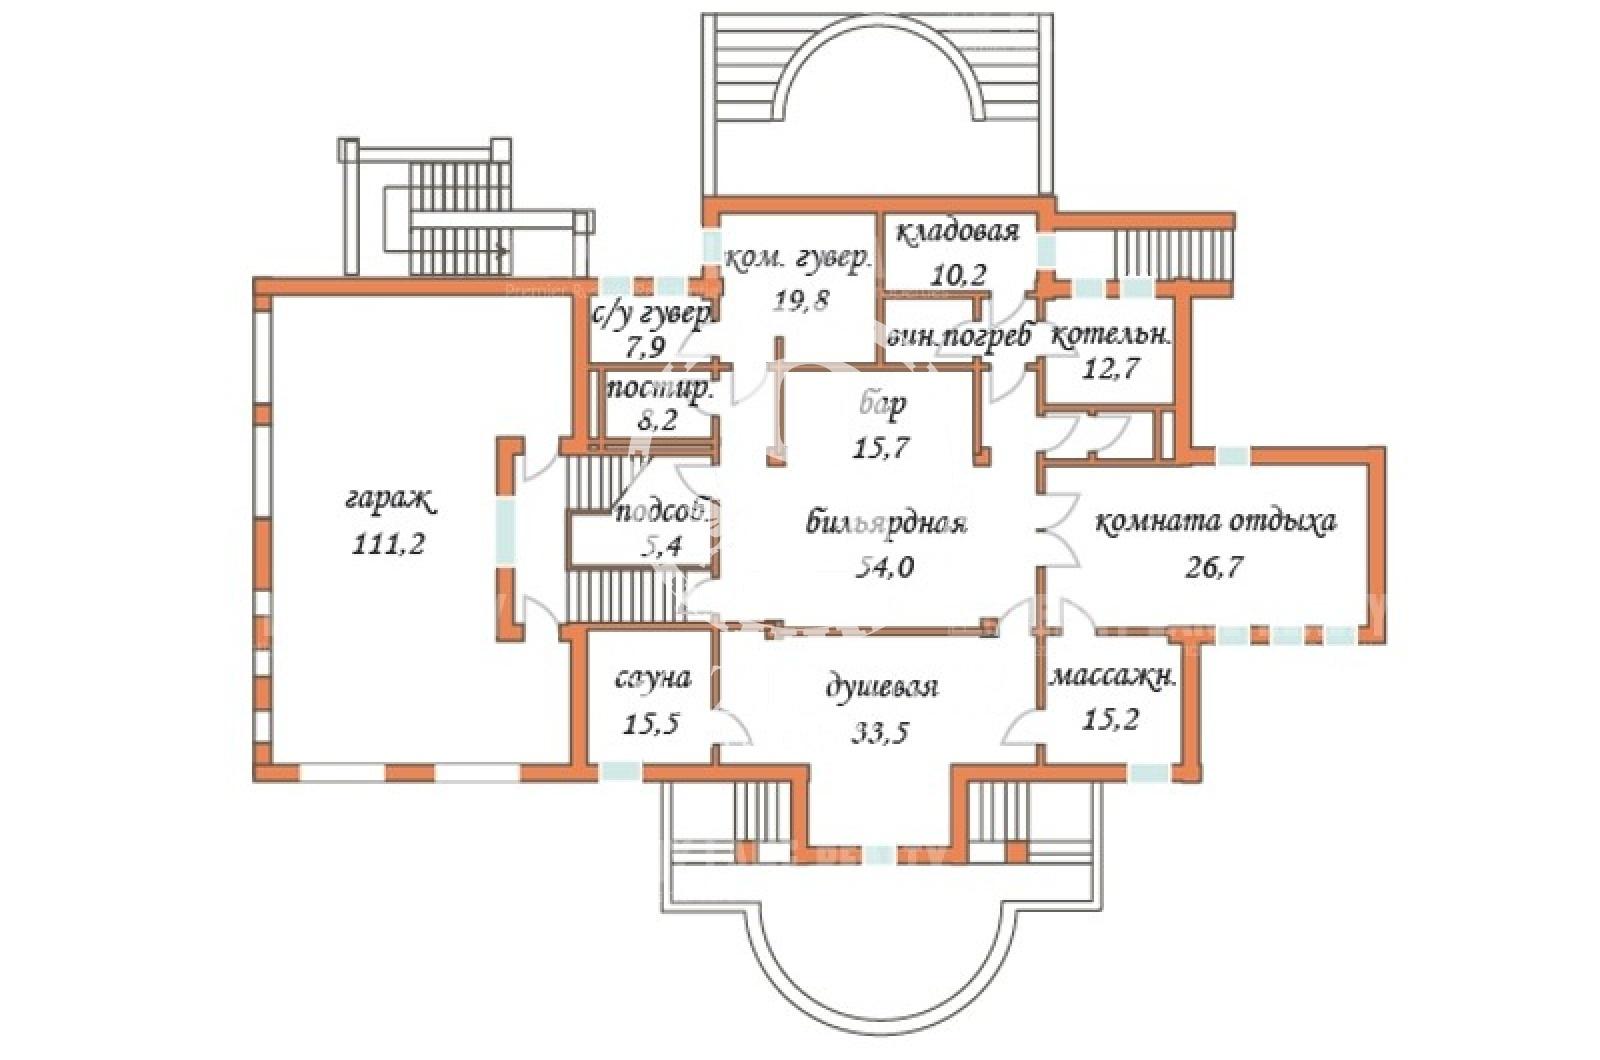 6 Bedrooms, Загородная, Продажа, Listing ID 1073, Московская область, Россия,